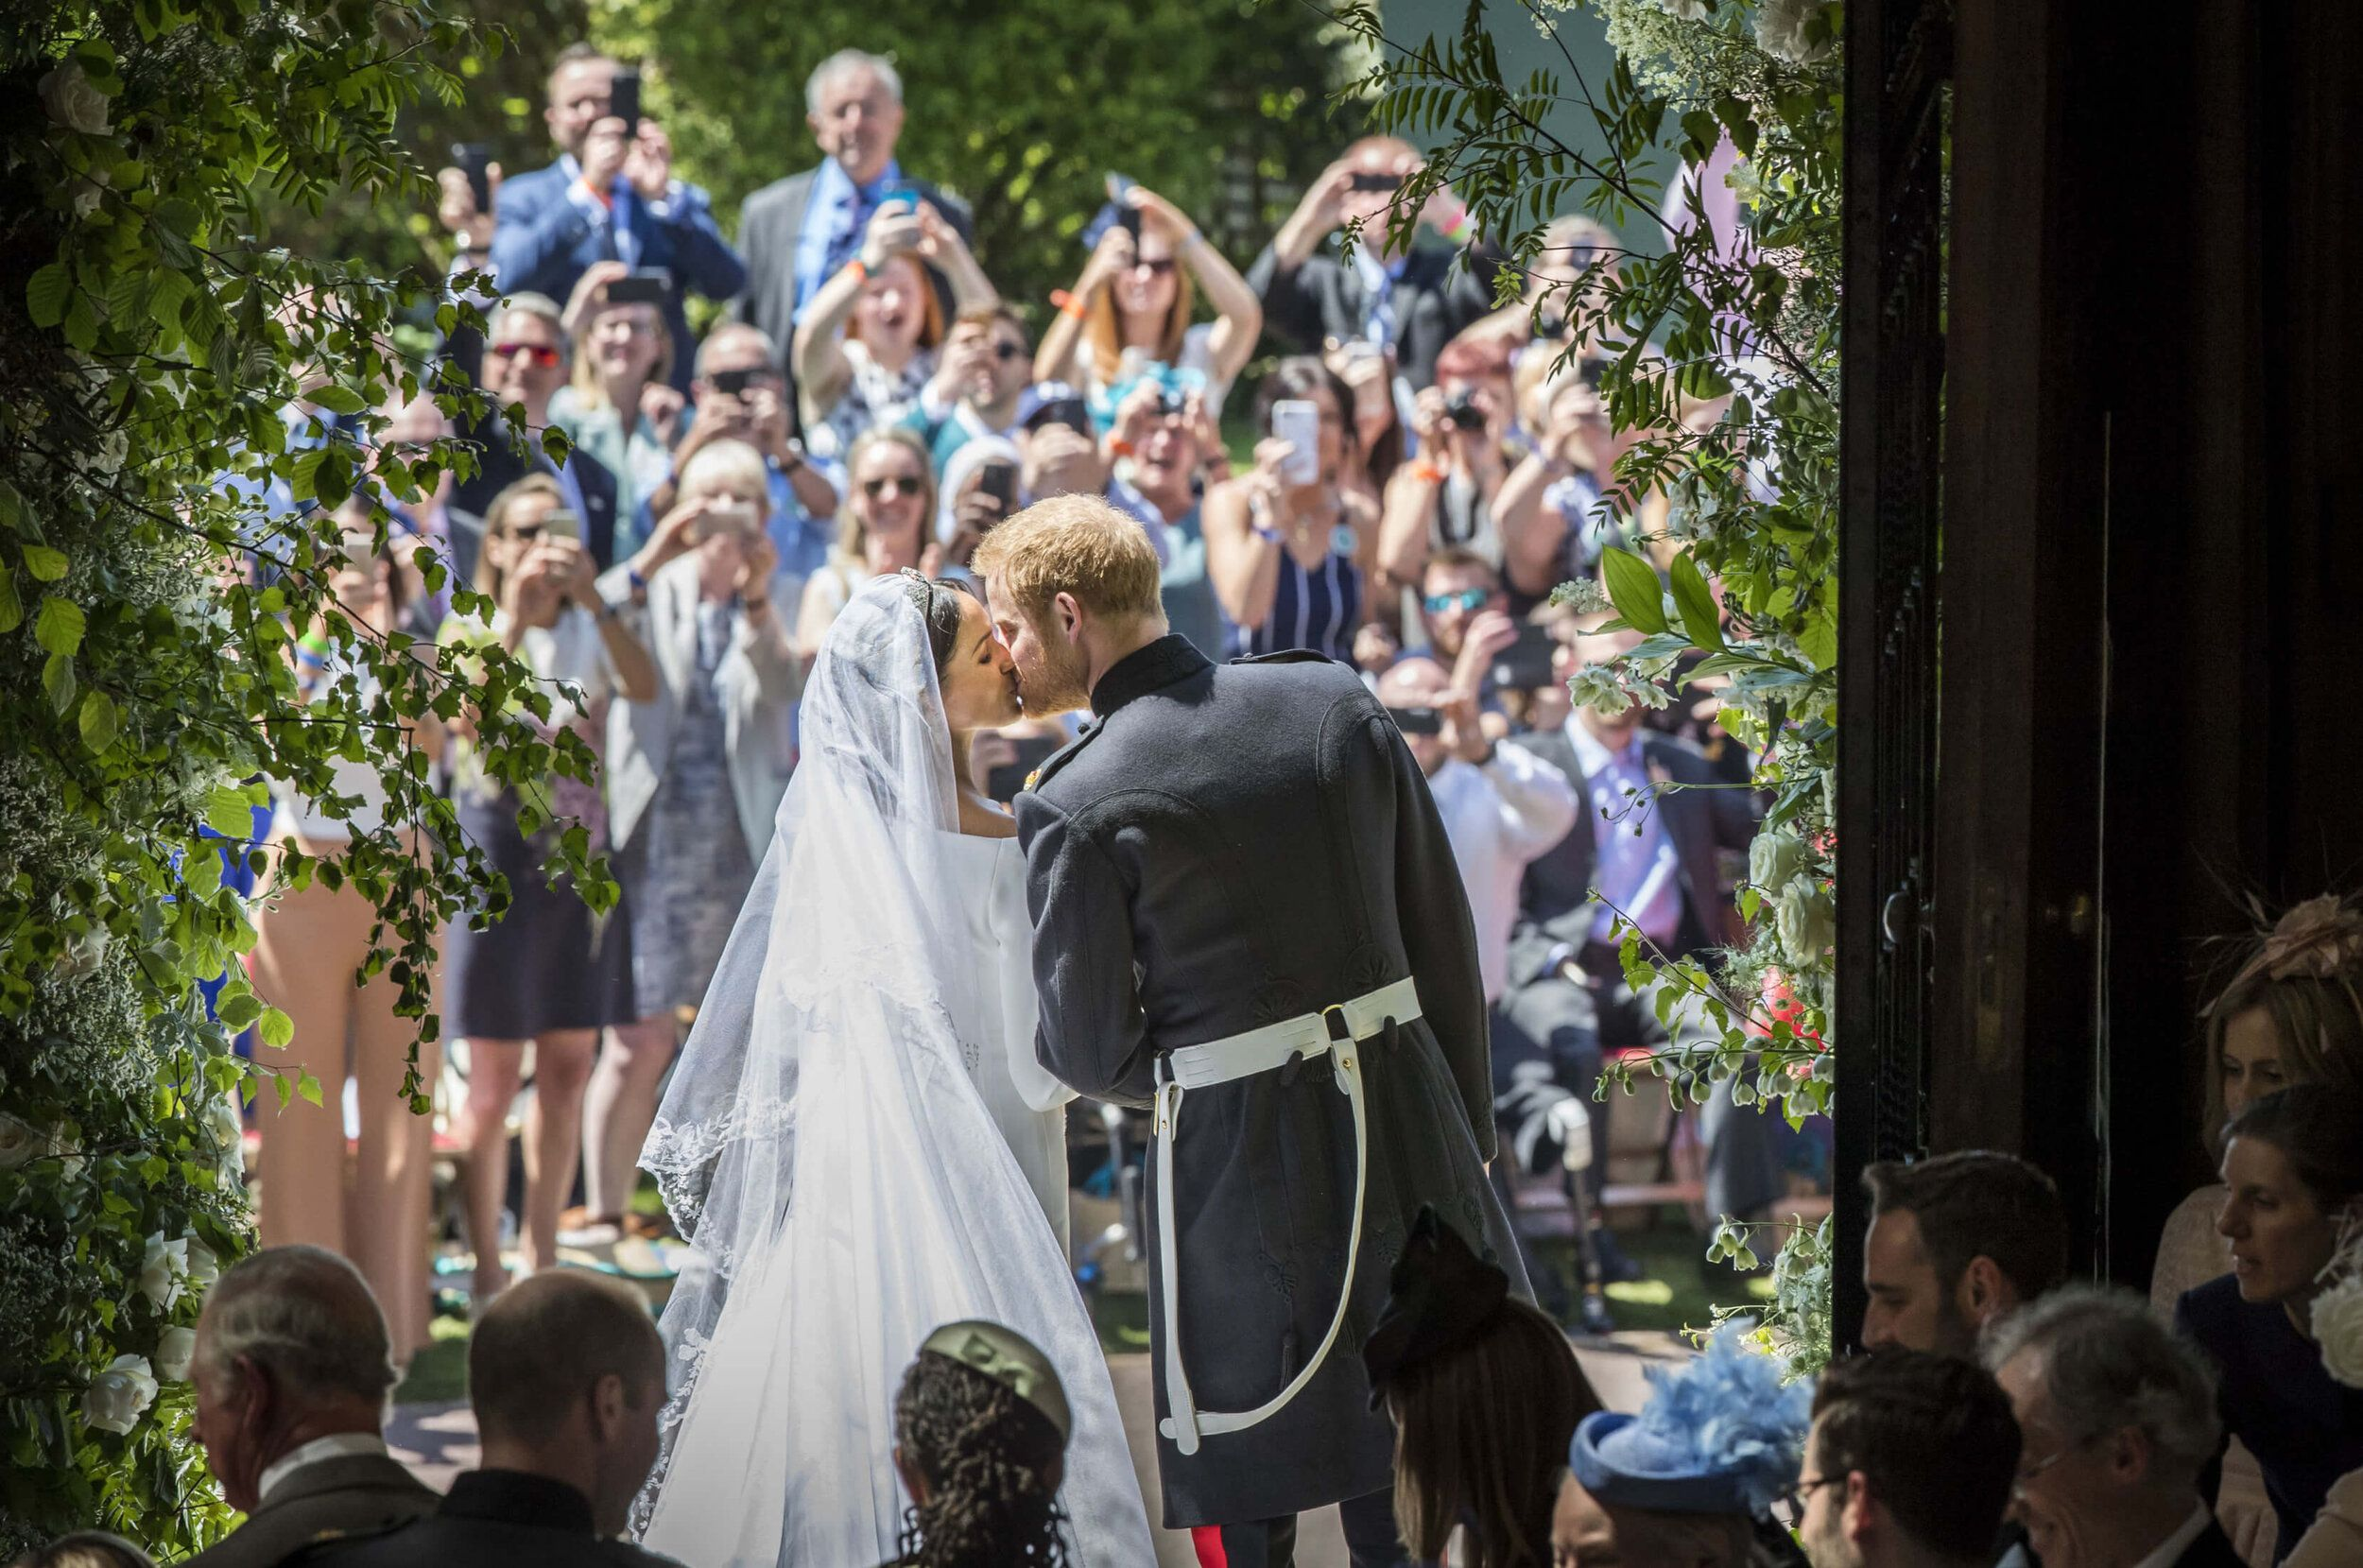 Herzogin Meghan Prinz Harry Die Schonsten Fotos Ihrer Hochzeit In 2020 Konigliche Hochzeit Royale Hochzeiten Hochzeitsfoto Idee